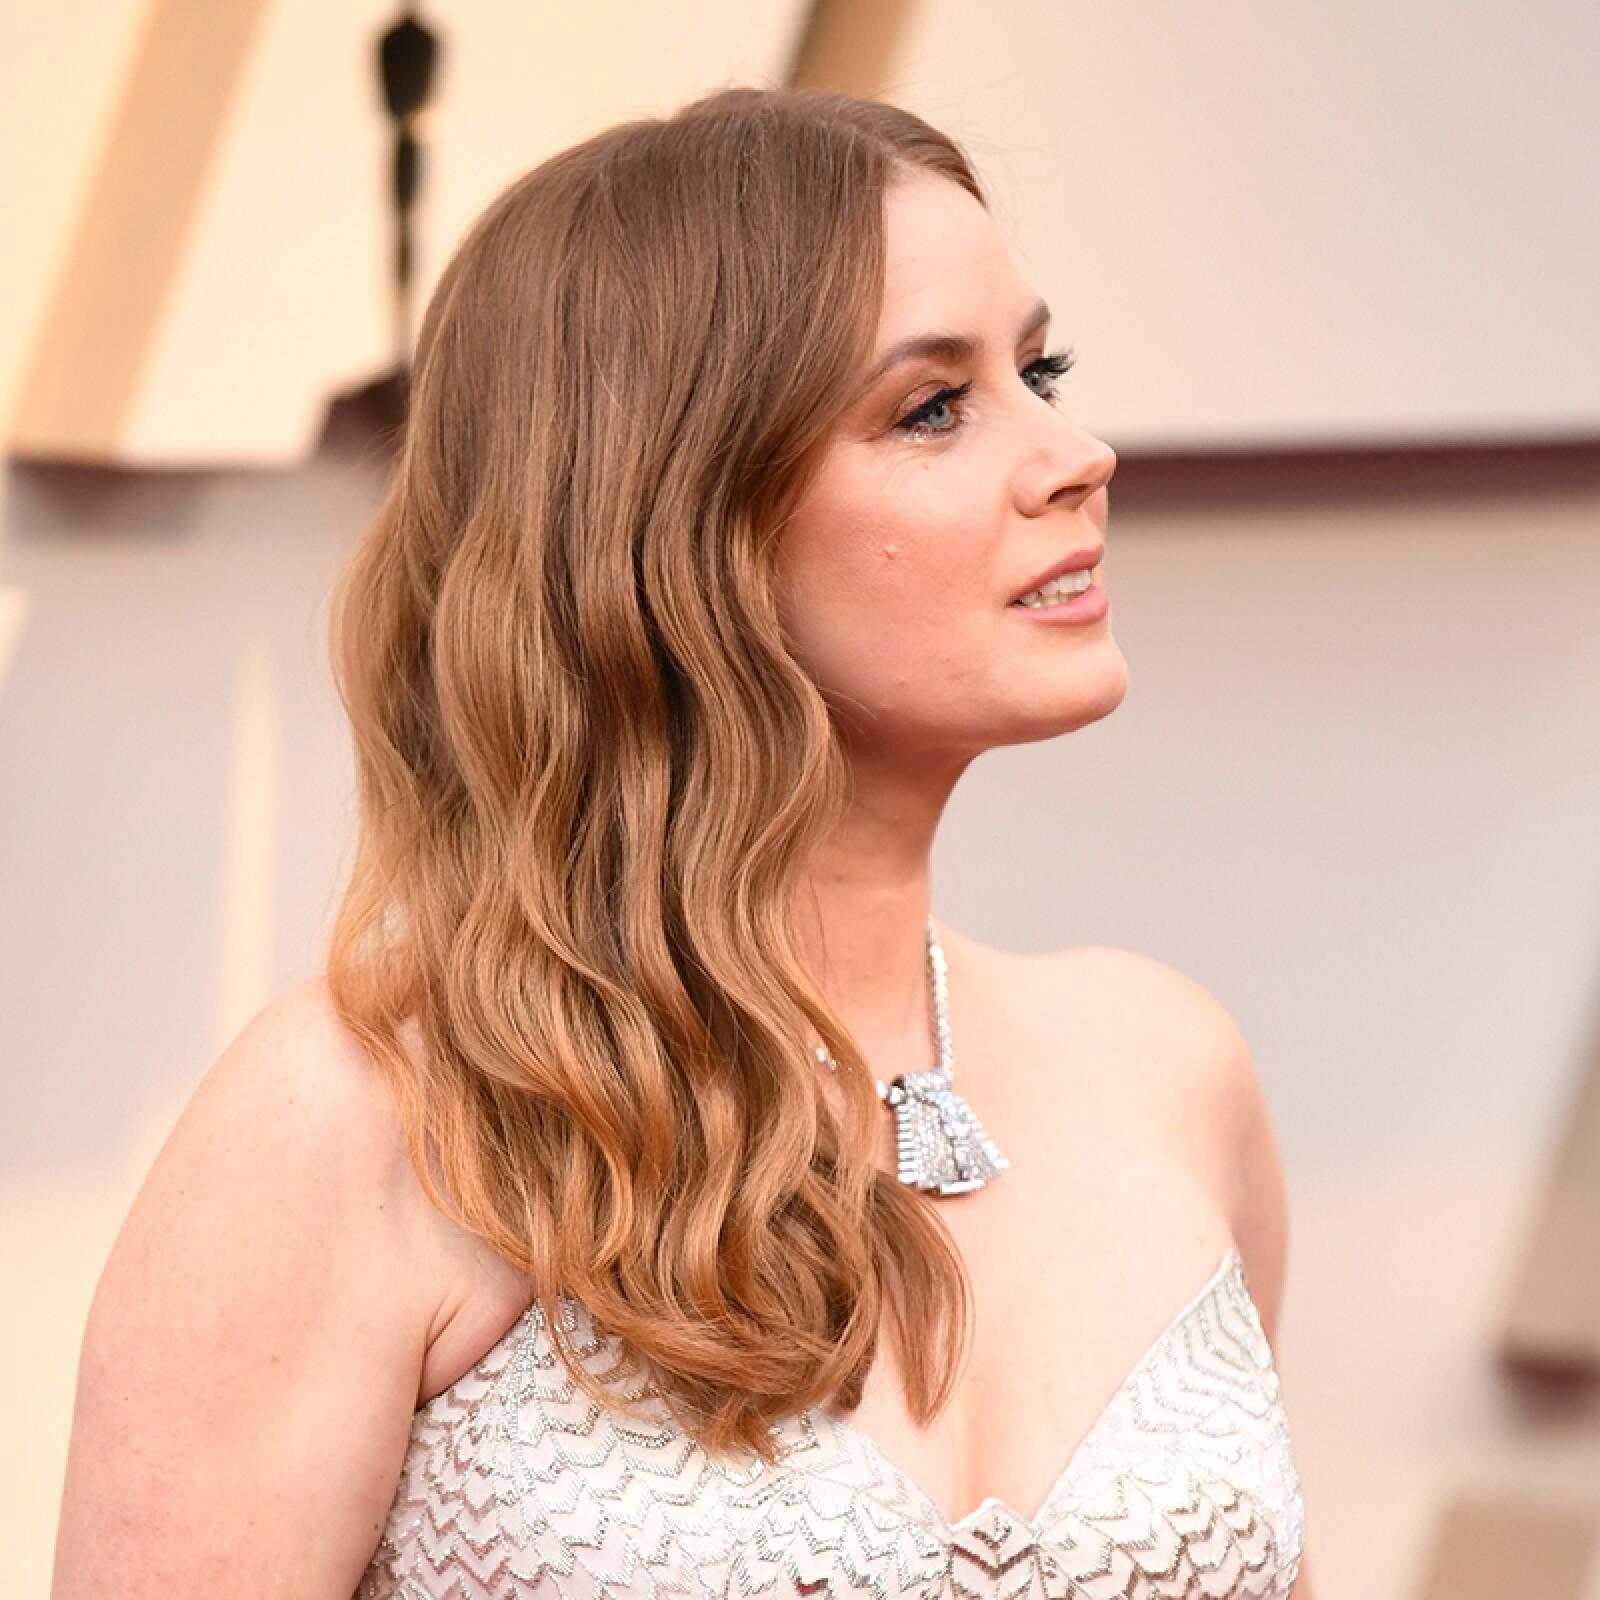 oscares-oscar-hair-looks-alfombra-roja-academy-awards-Amy-Adams